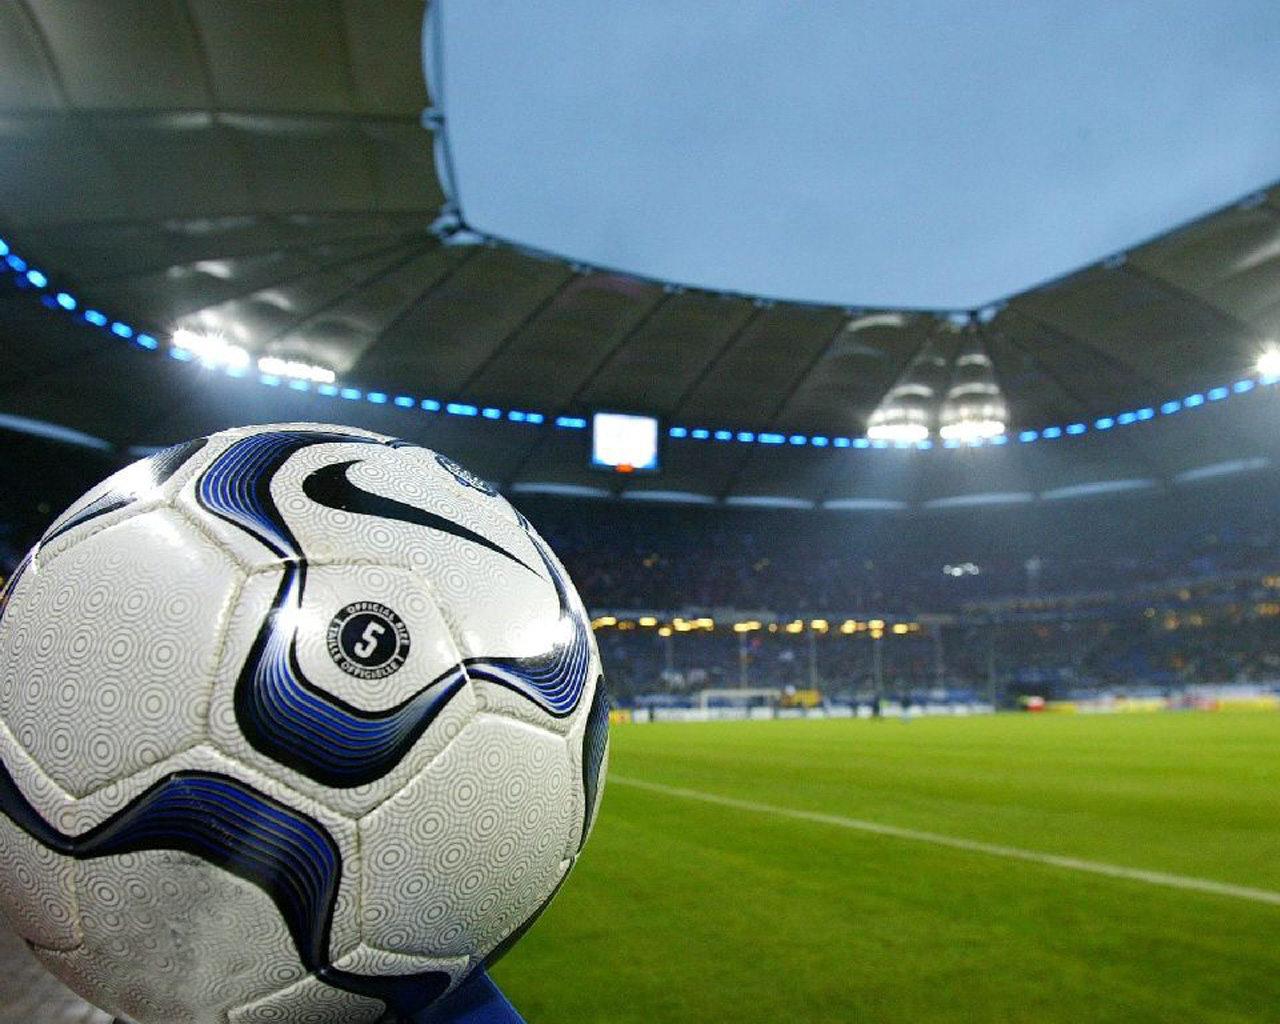 fußball-und-stadion-wallpapers_12397_1280x1024